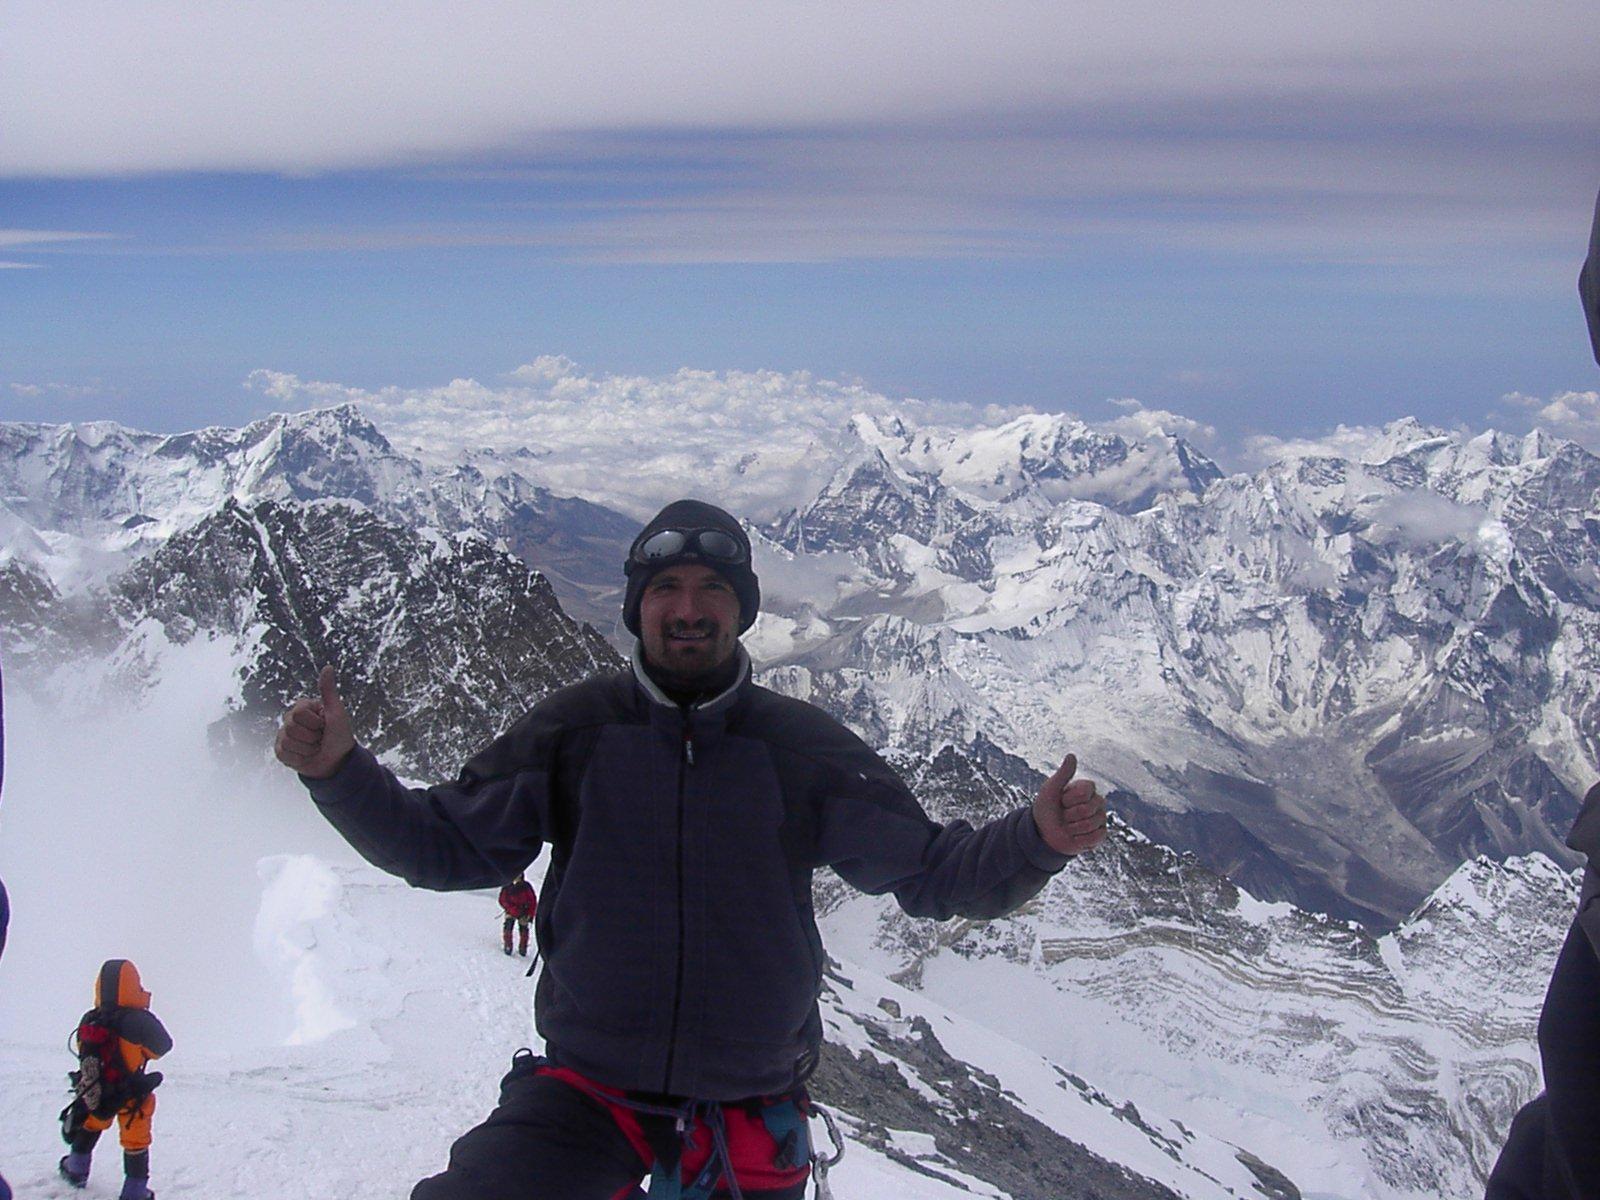 Snímek z vrcholu hřebene, 19.06.05, 13:37:16